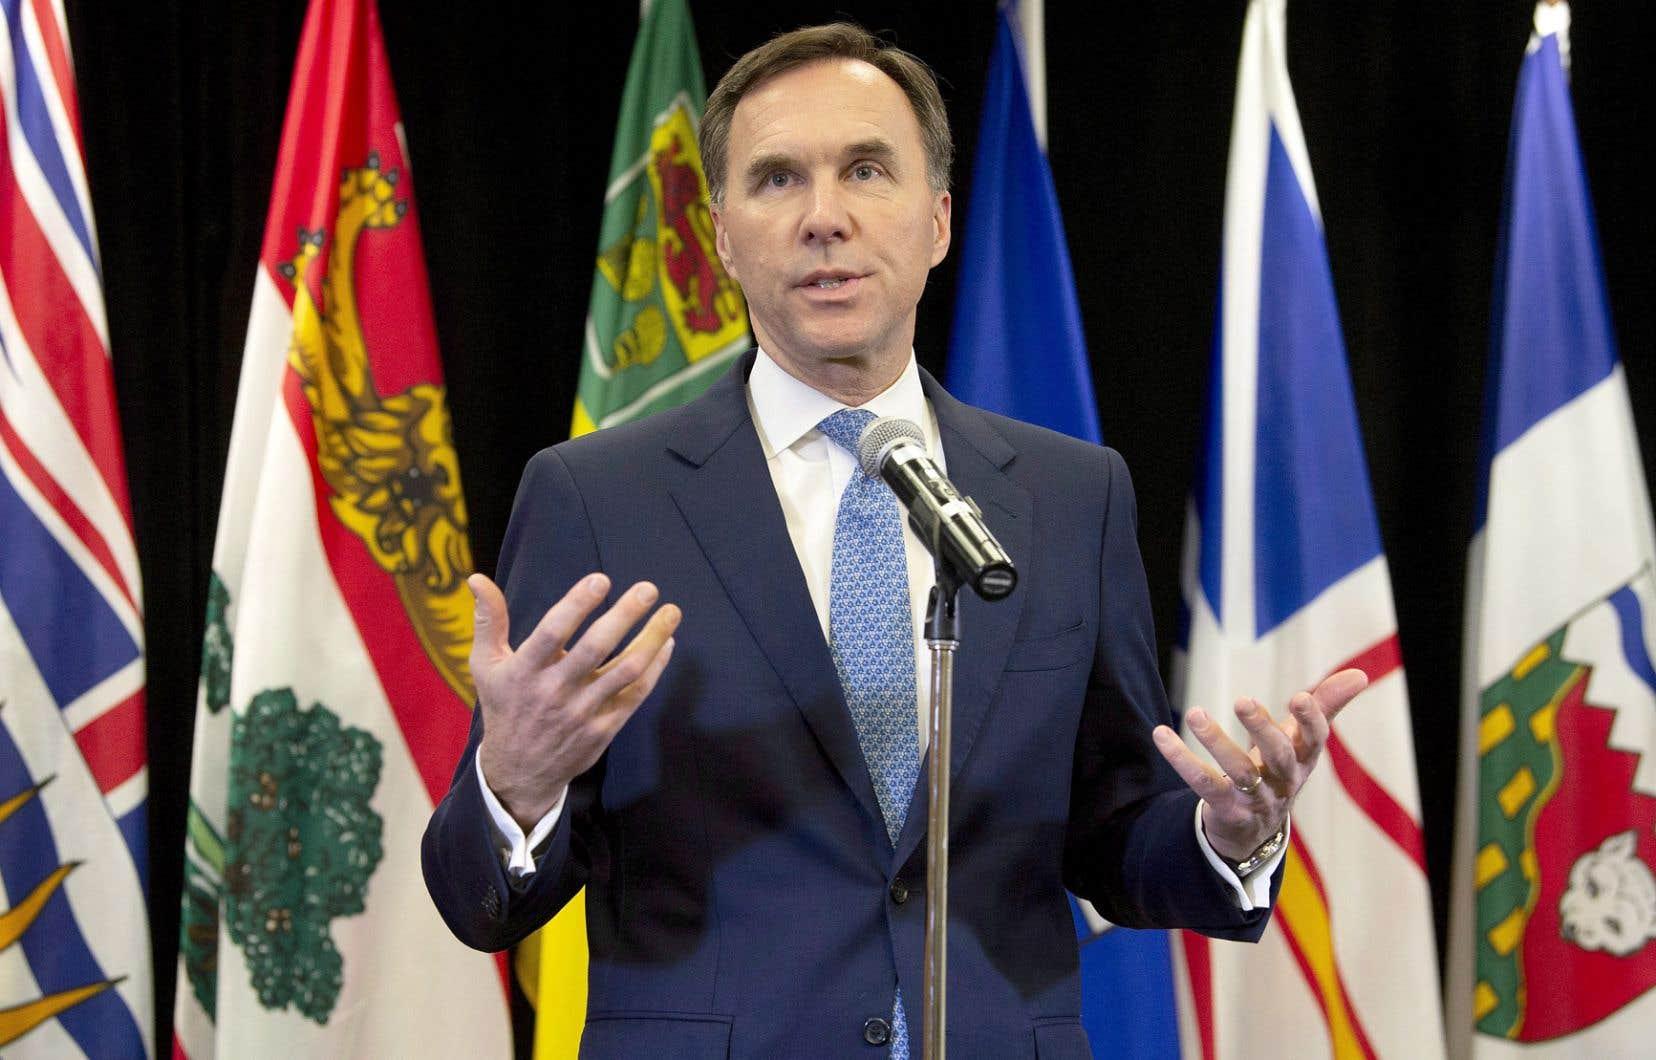 L'annonce par le ministre canadien des Finances, Bill Morneau, de la répartition de l'enveloppe de péréquation a fait des malheureux parmi ses homologues des provinces.